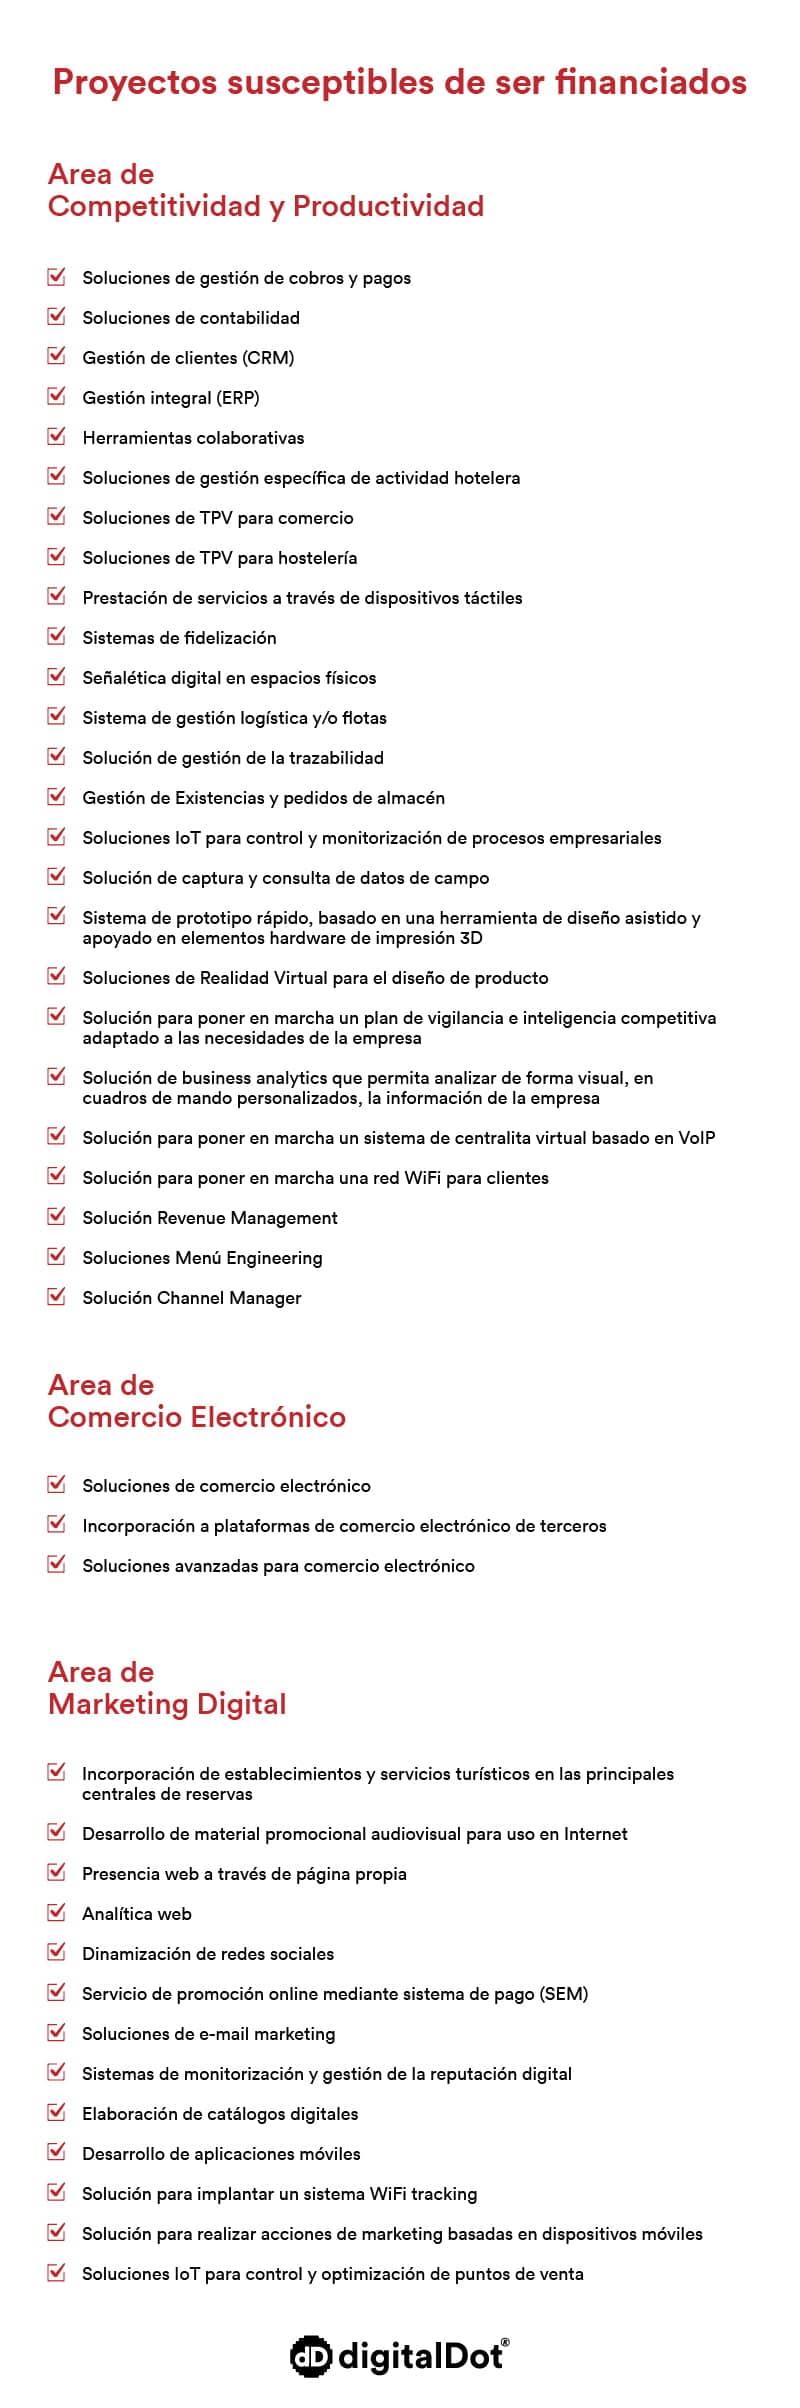 Ayudas pymes Murcia 2019. digitalDot